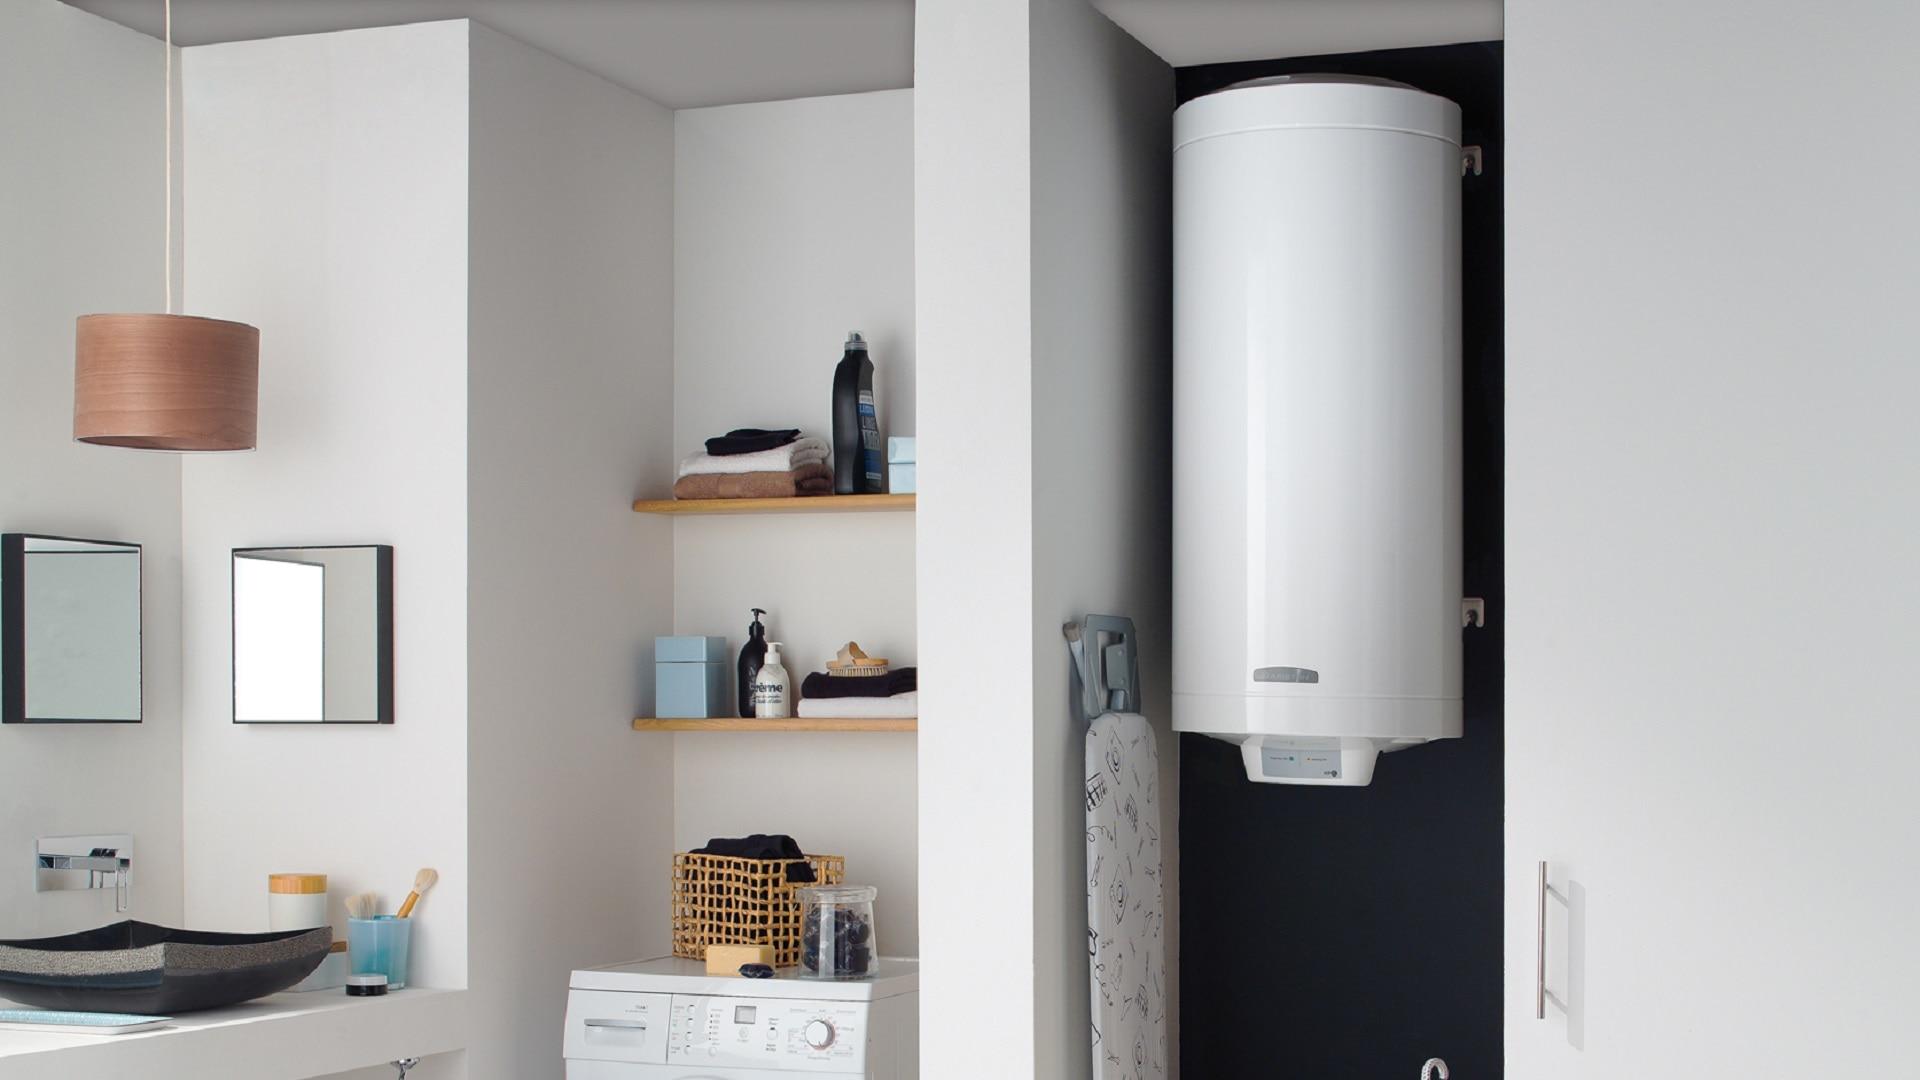 Remplacement de chauffe-eau électrique